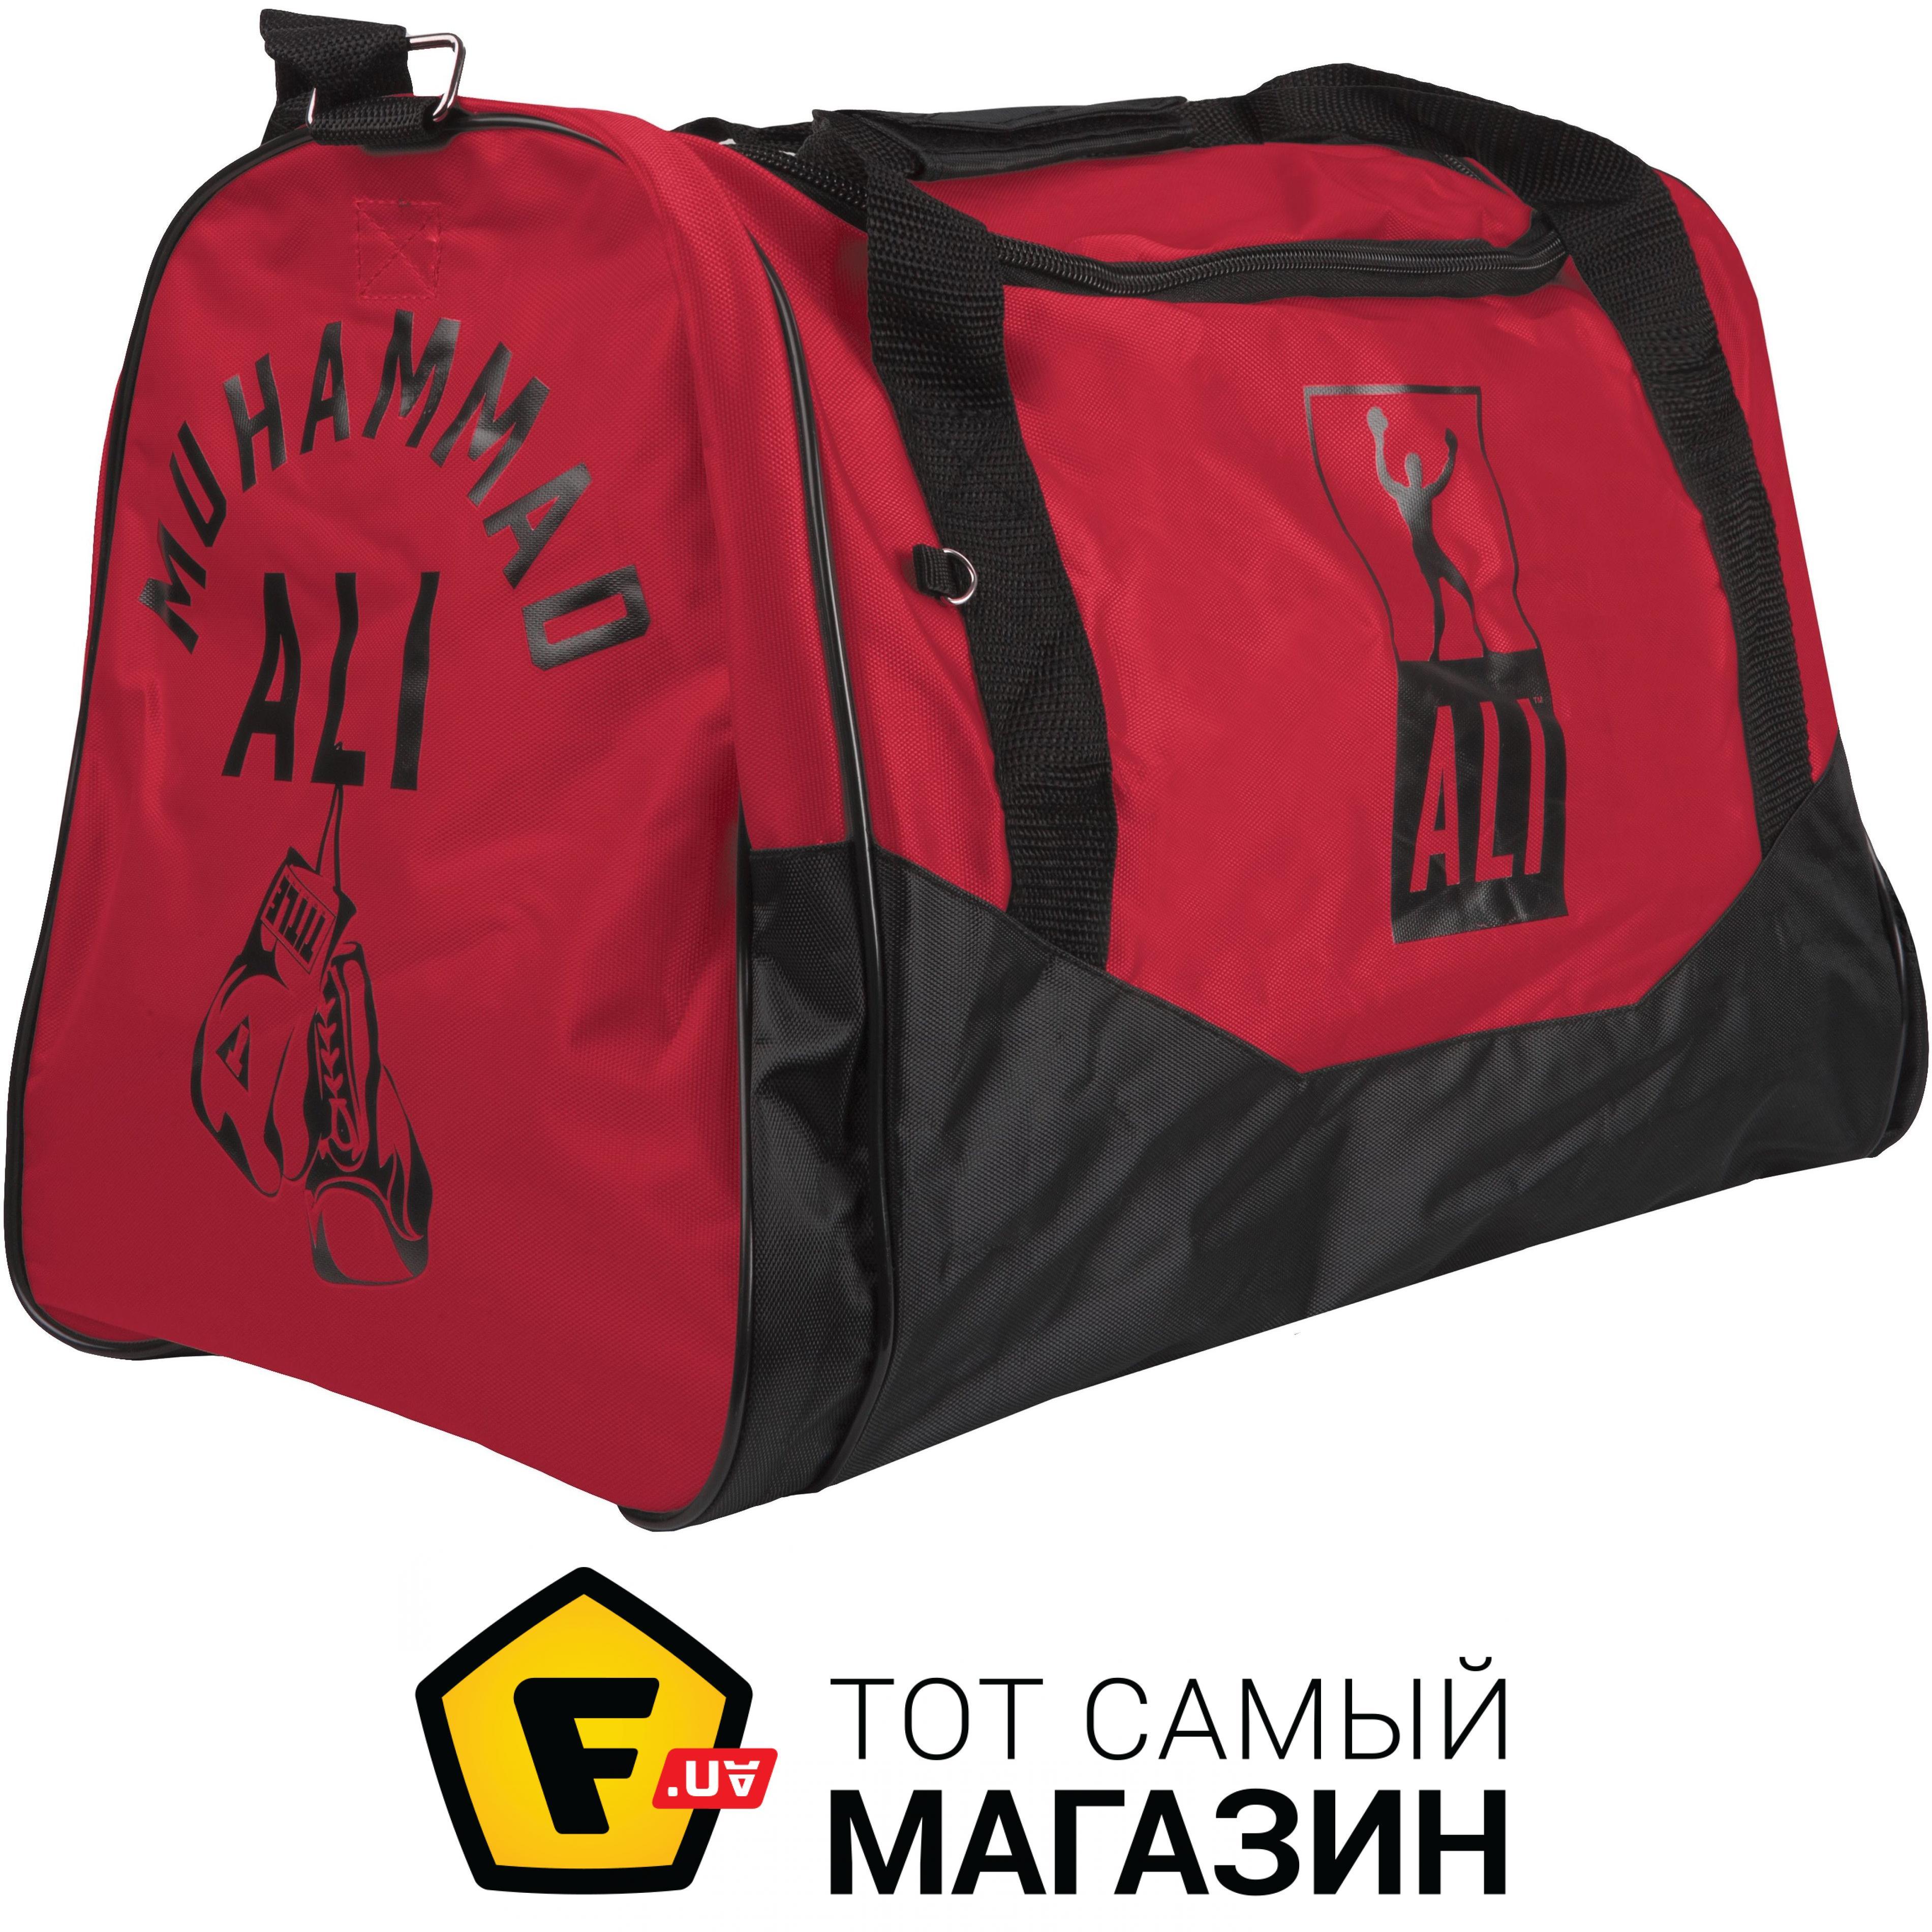 ef925a1307e1 ᐈ TITLE BOXING Ali Personal Sport Bag черный/красный ~ Купить? ЦЕНА ...